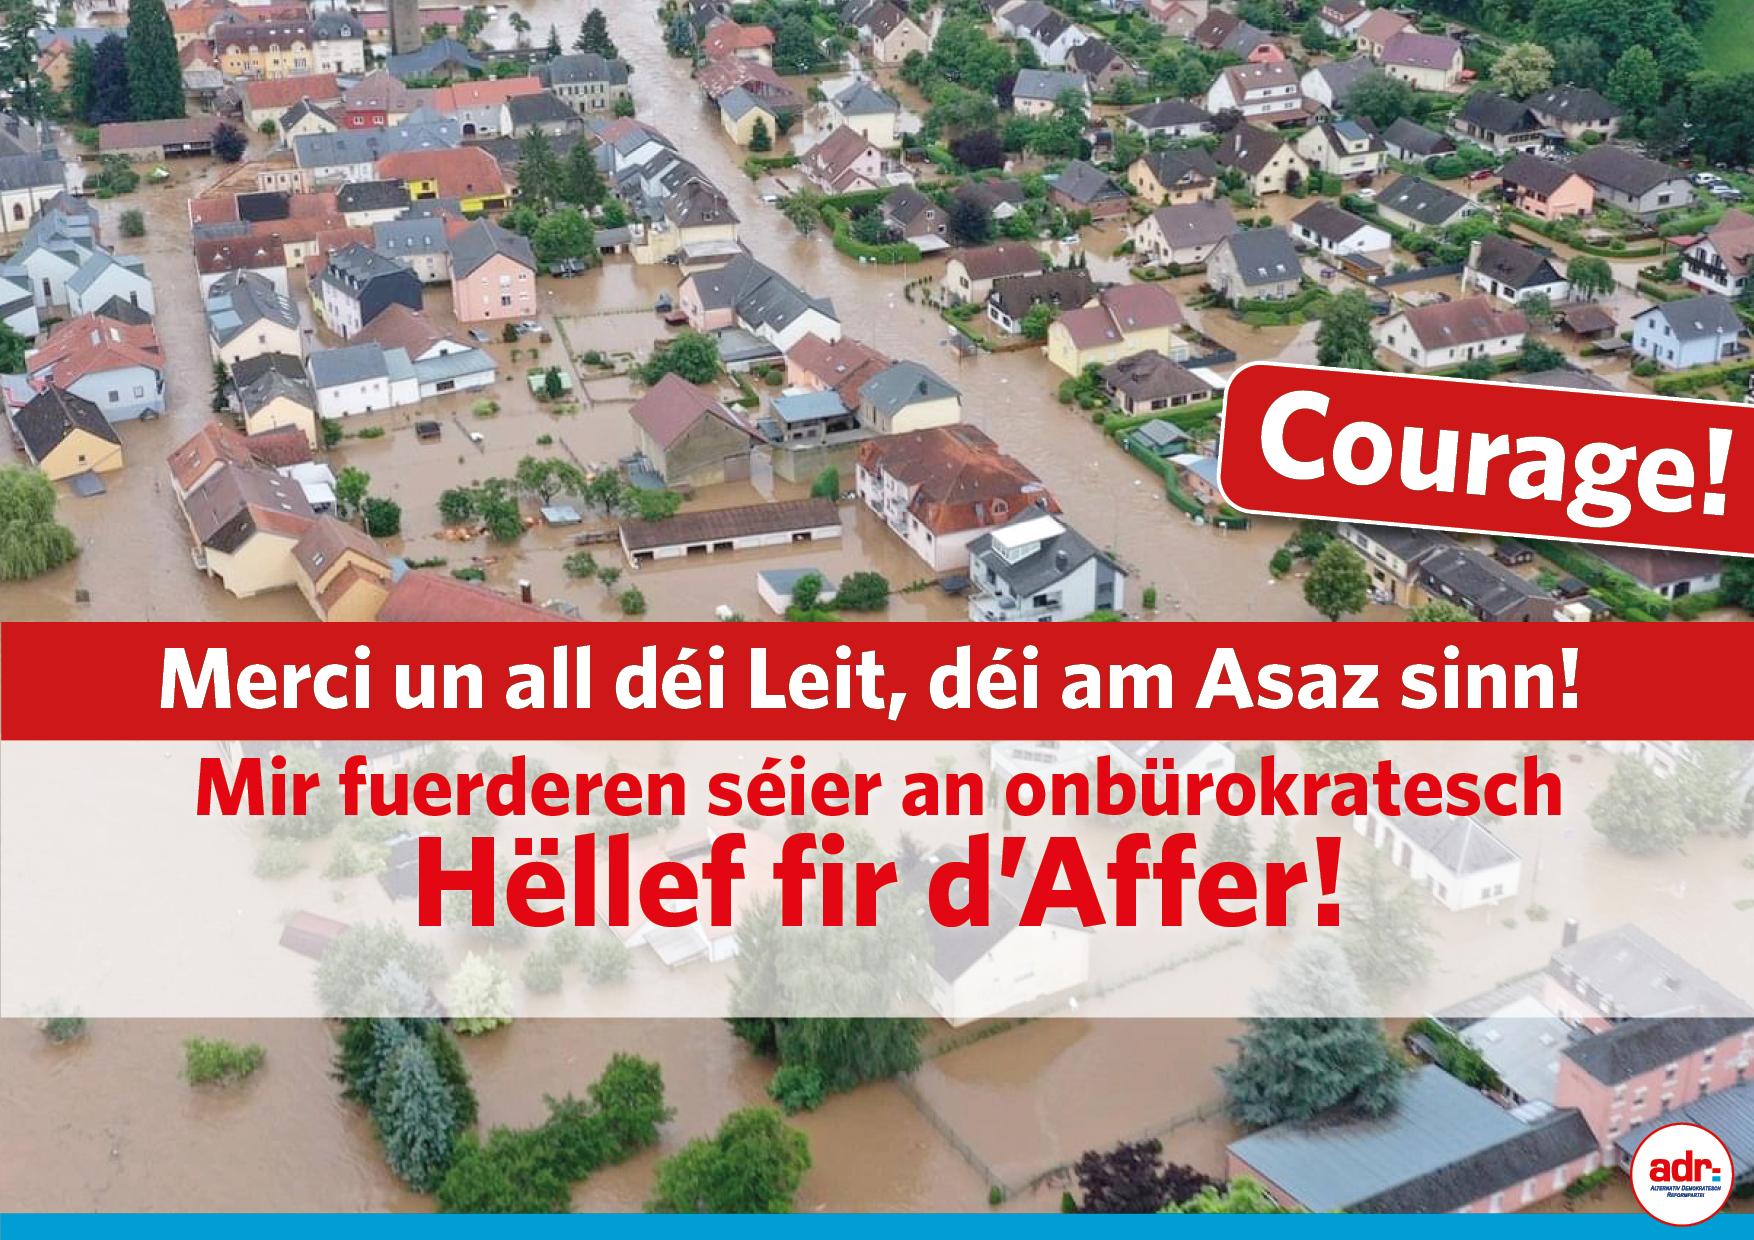 Héichwaasserkatastroph: ADR freet Bilan!